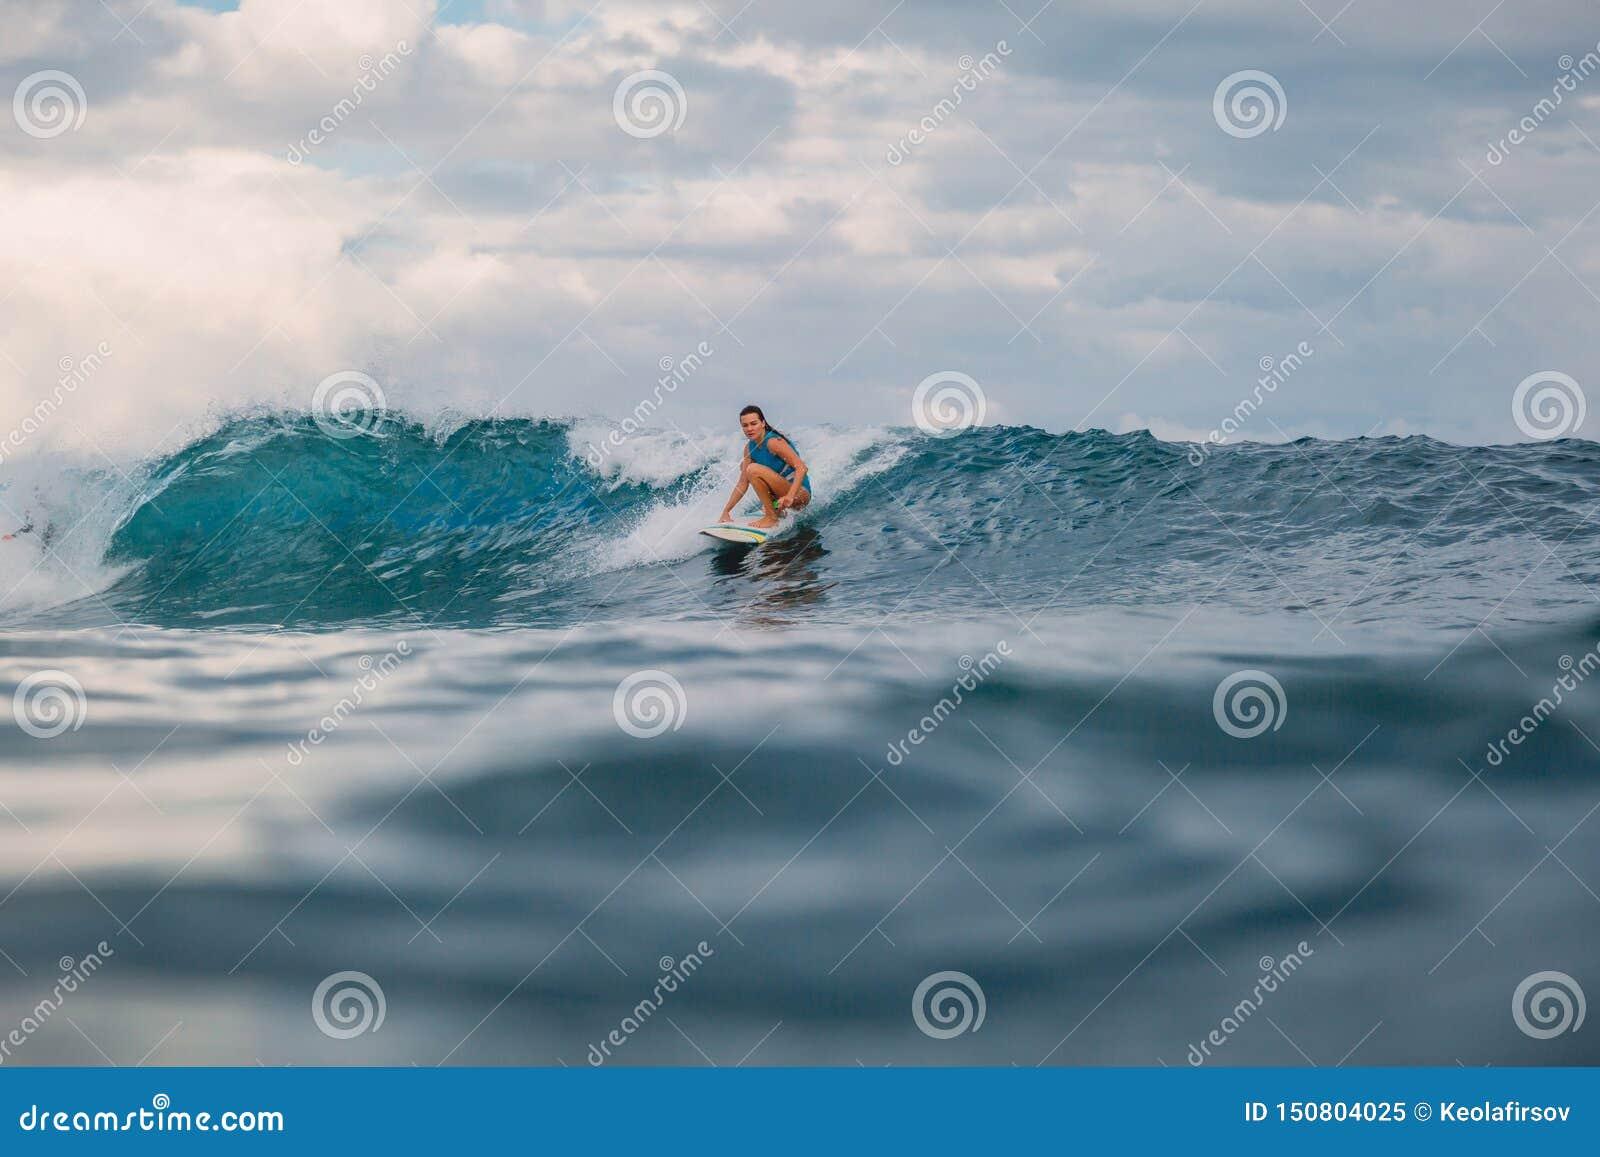 Brandungsm?dchen auf Surfbrett Frau im Ozean w?hrend des Surfens